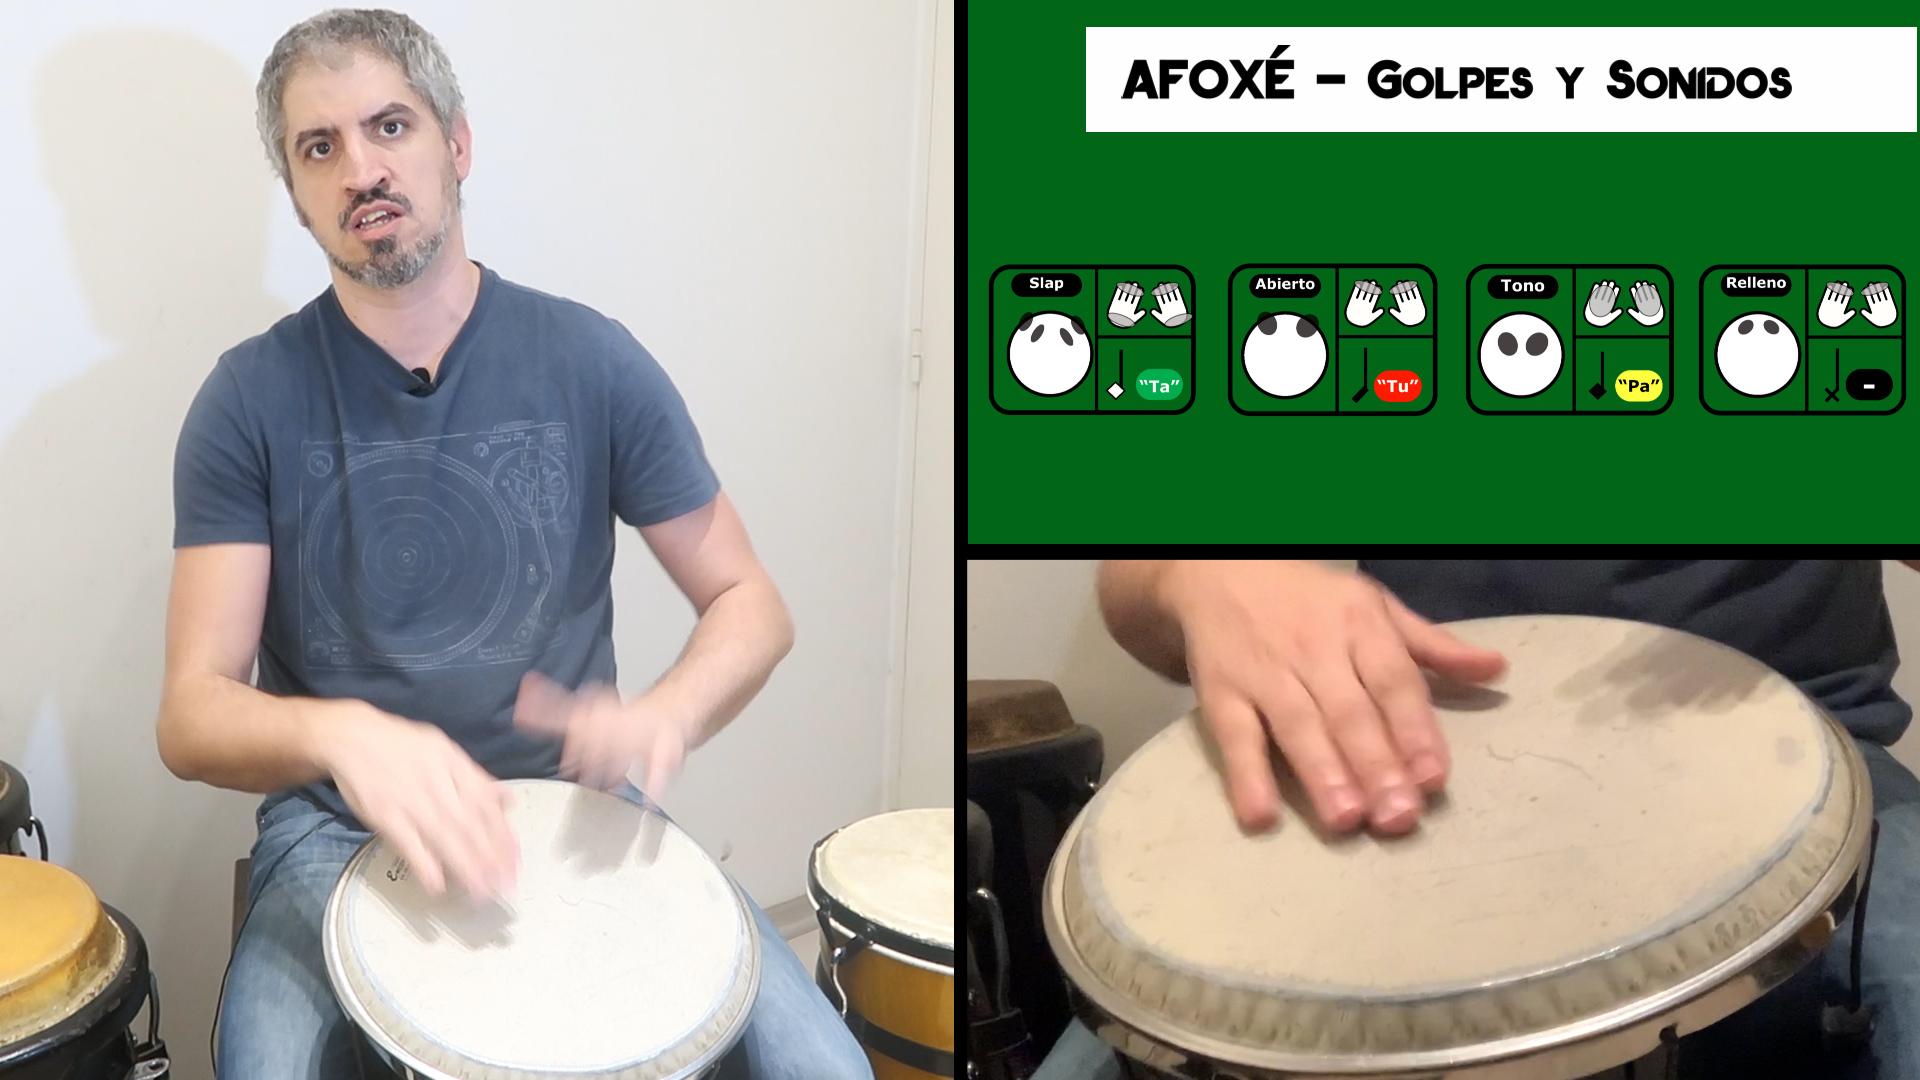 Tocar-Percusion-Cual-es-el-mejor-instrumento-para-empezar-a-aprender-a-tocar-percusion